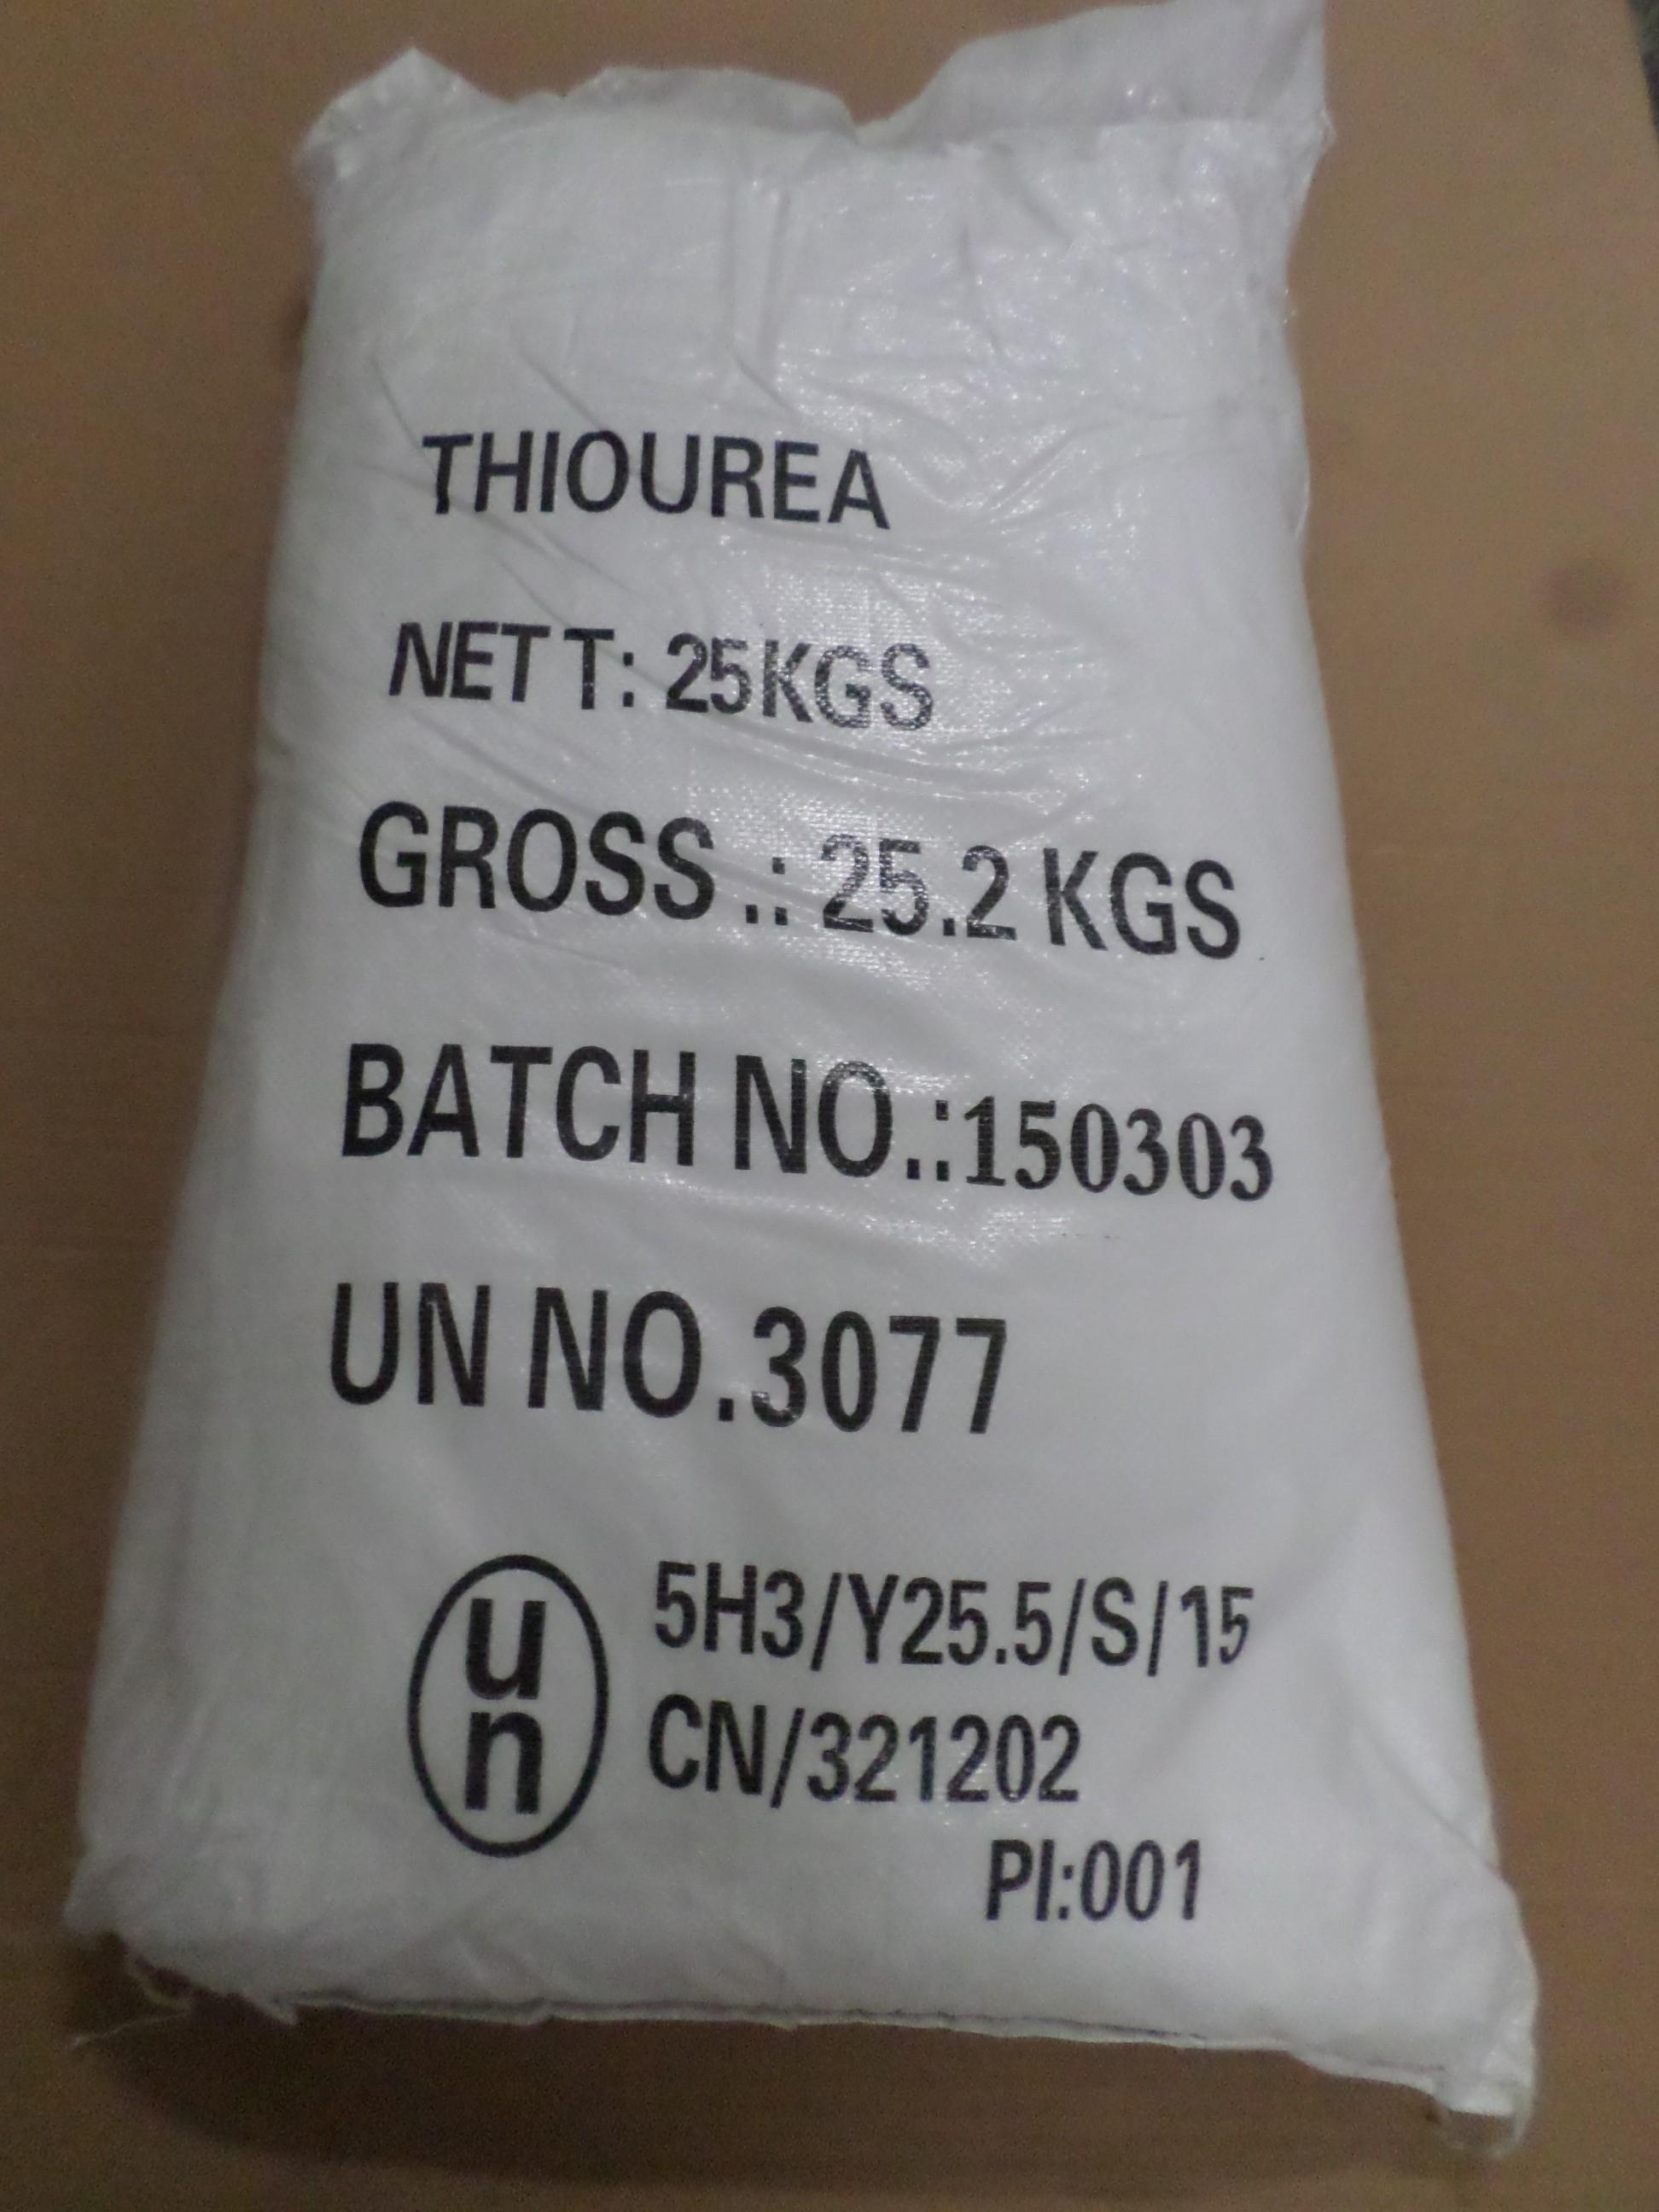 Thiourea - thioureum